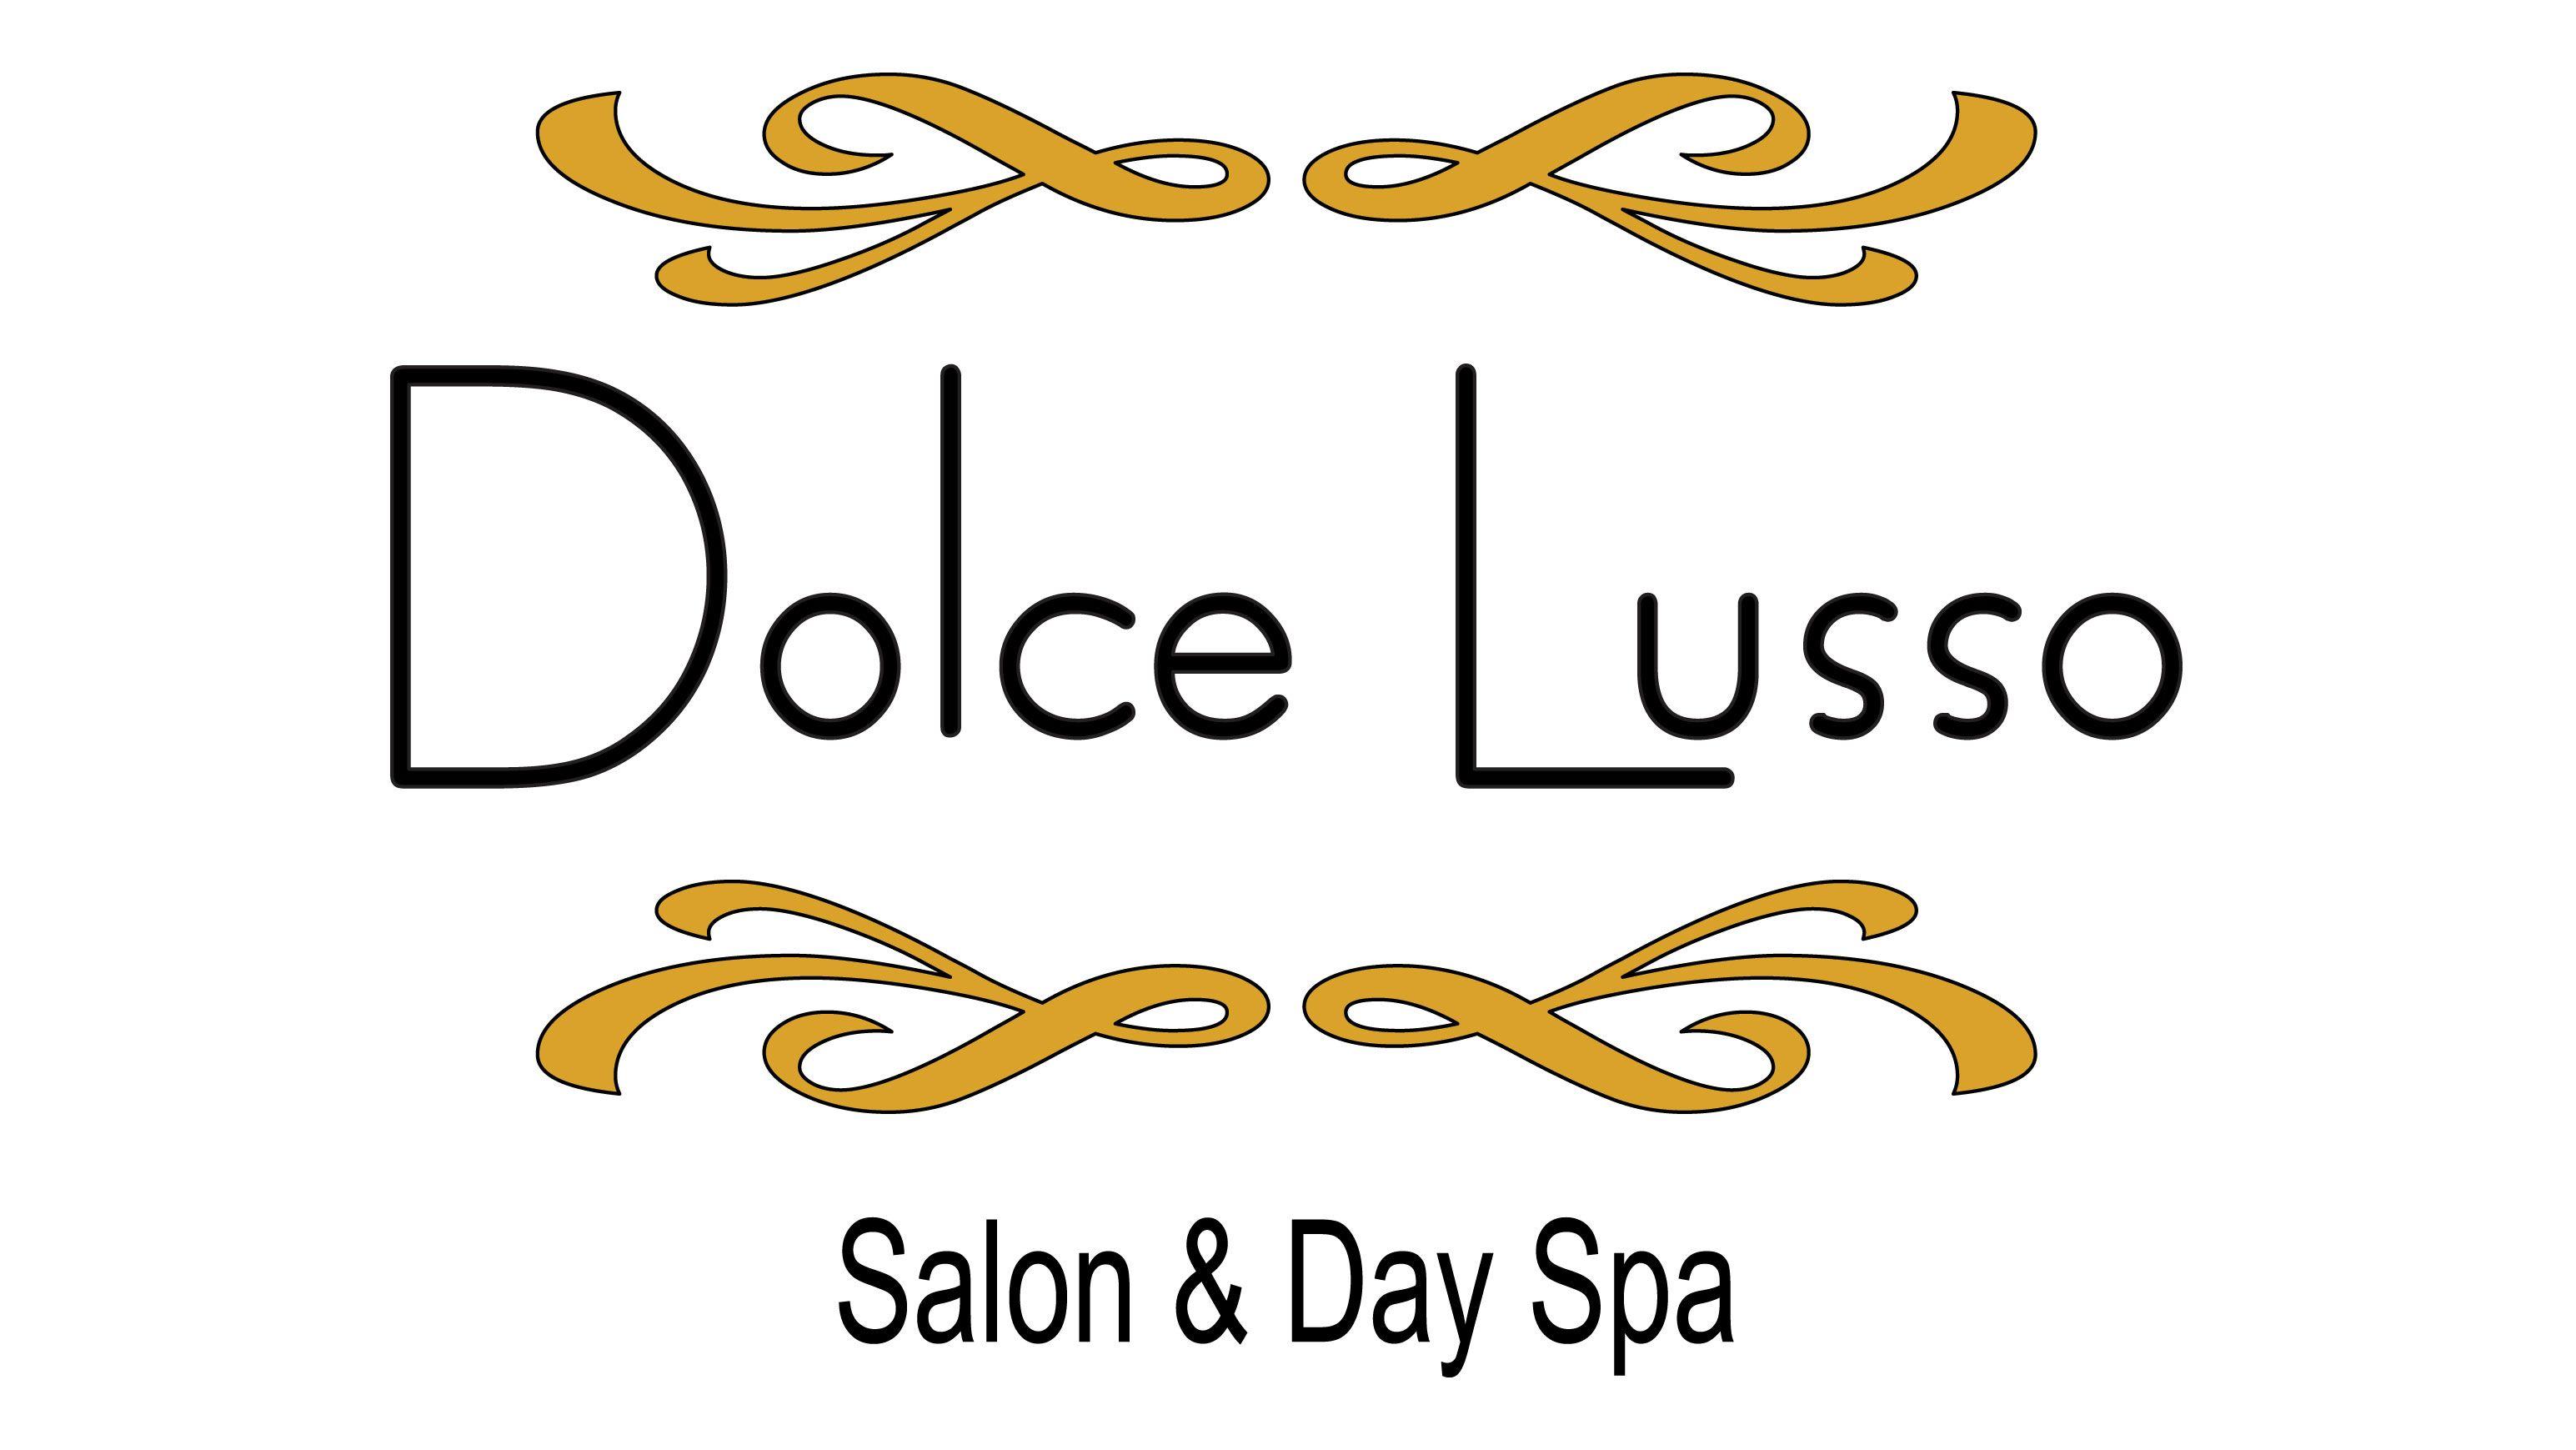 dulce_lusso_logo